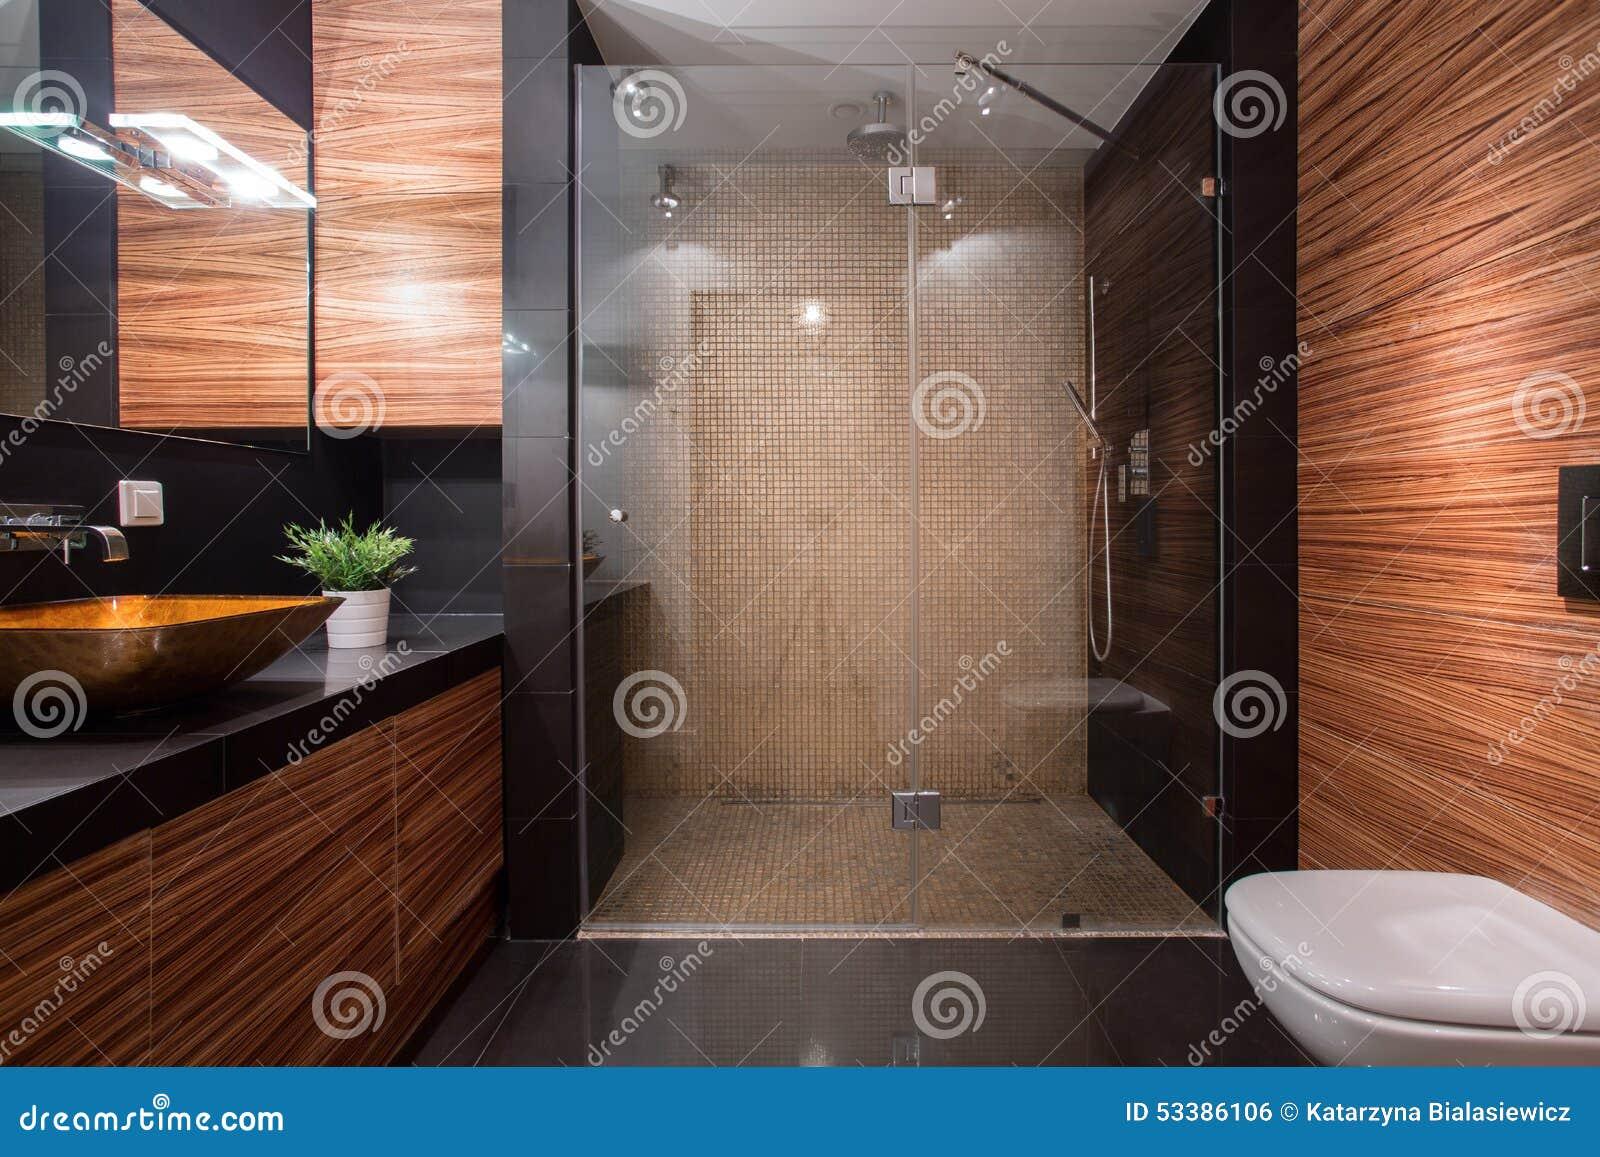 Wooden details in luxury bathroom